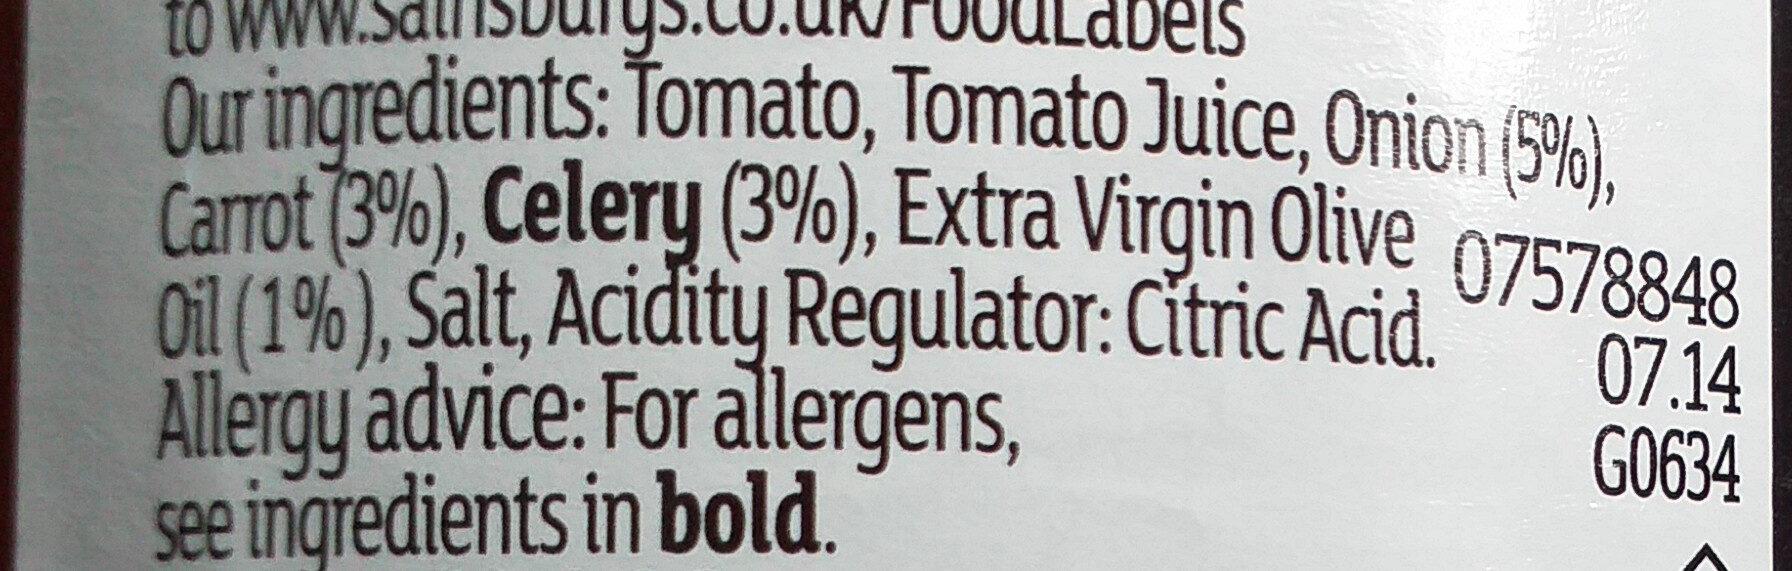 Chunky Italian Passata - Ingredients